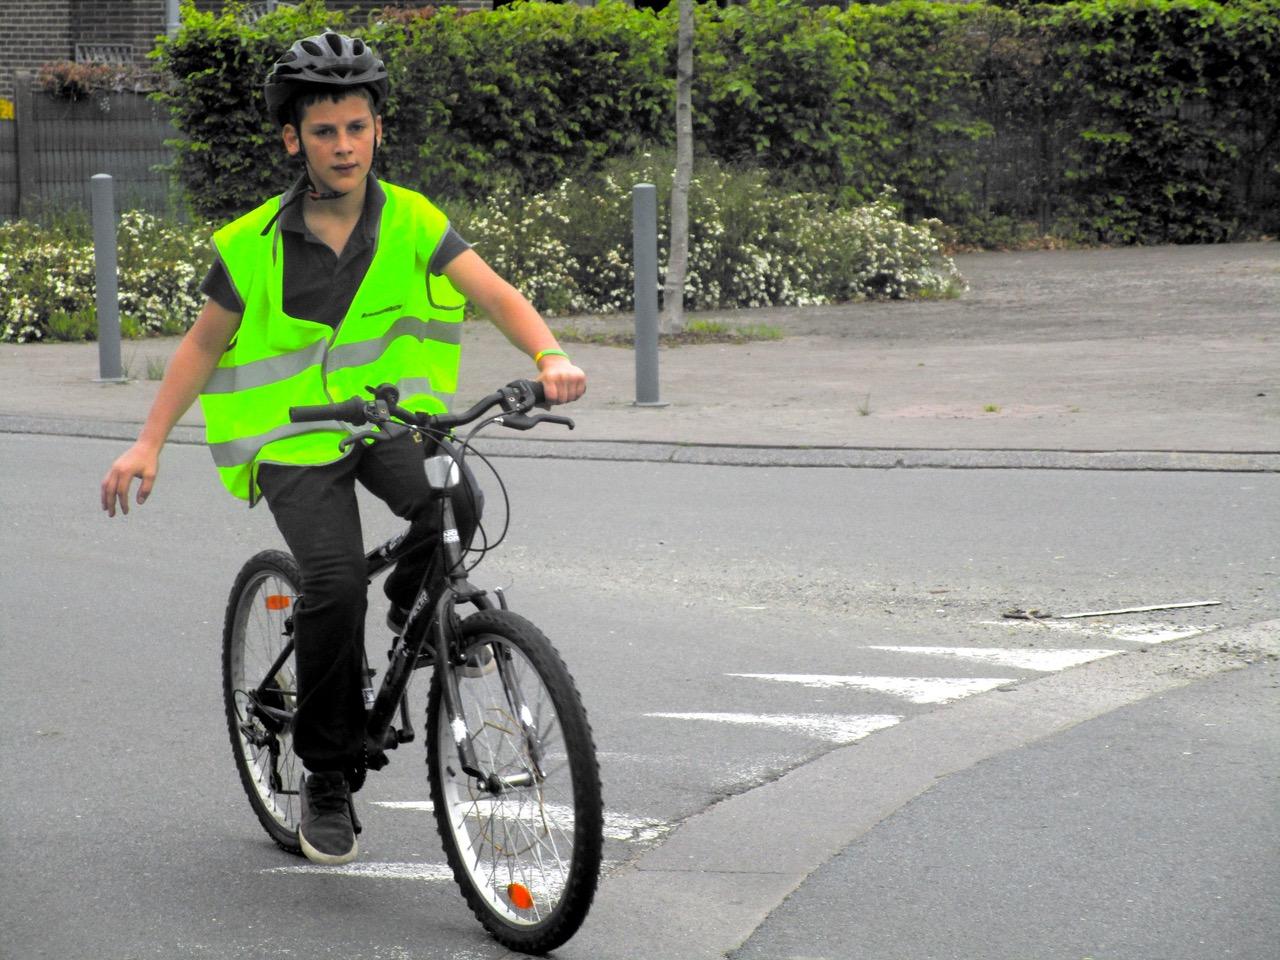 fietsexamen vbs balegem